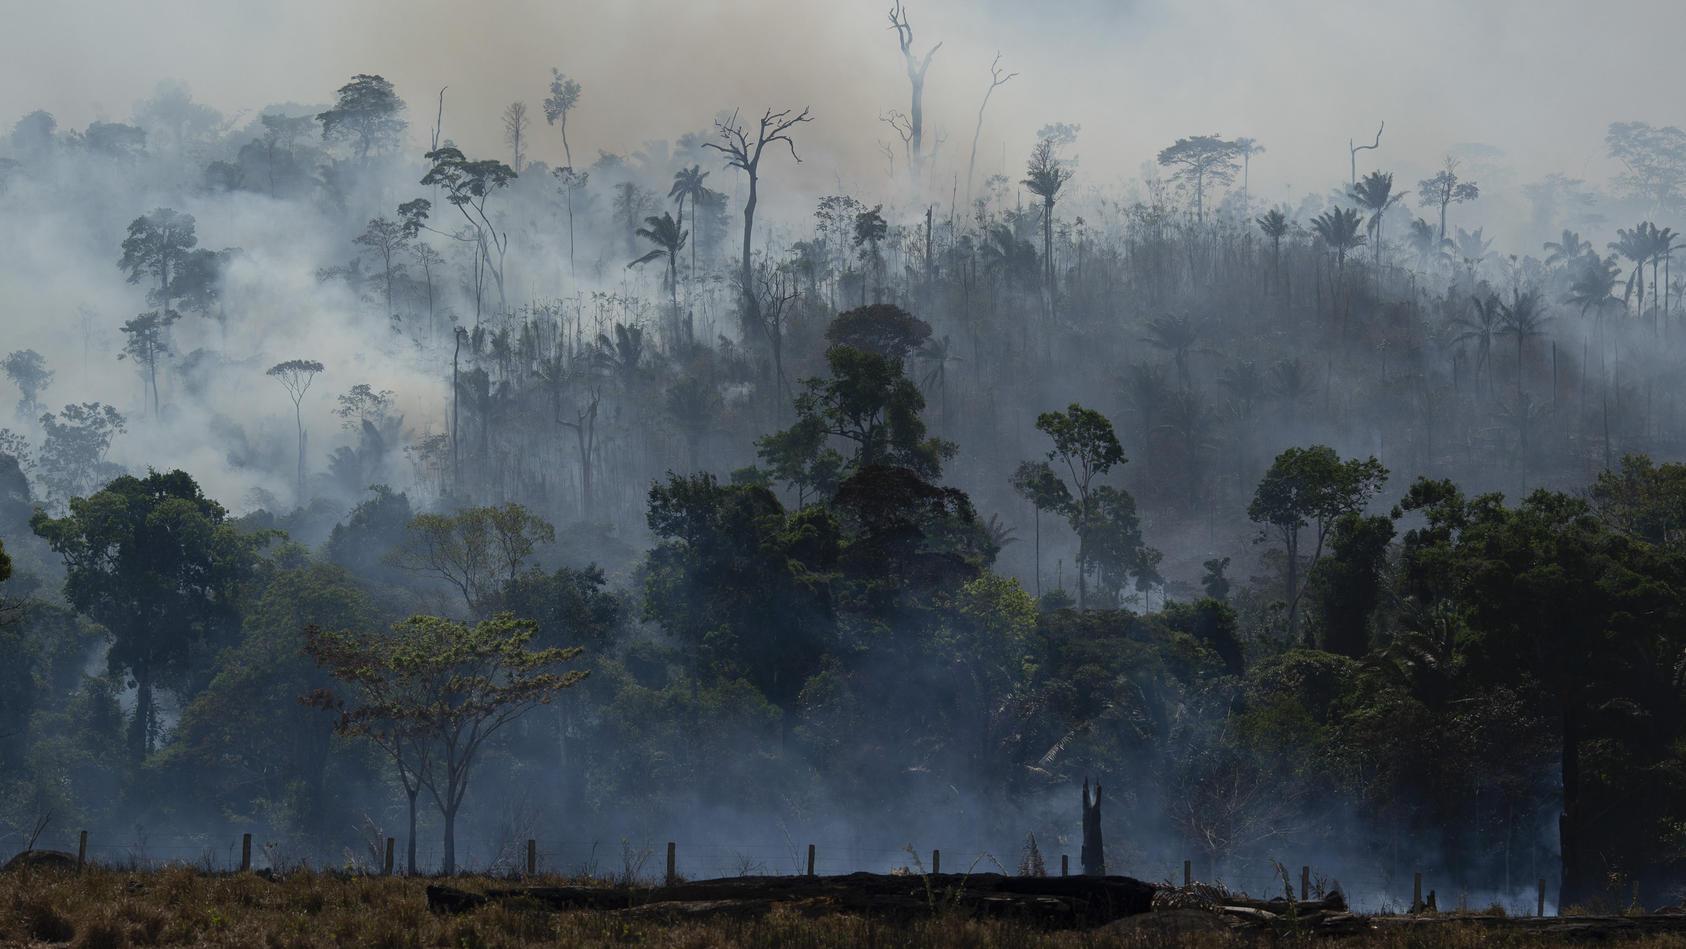 Waldbrand im Amazonas: Für Fleisch - und Autositze?